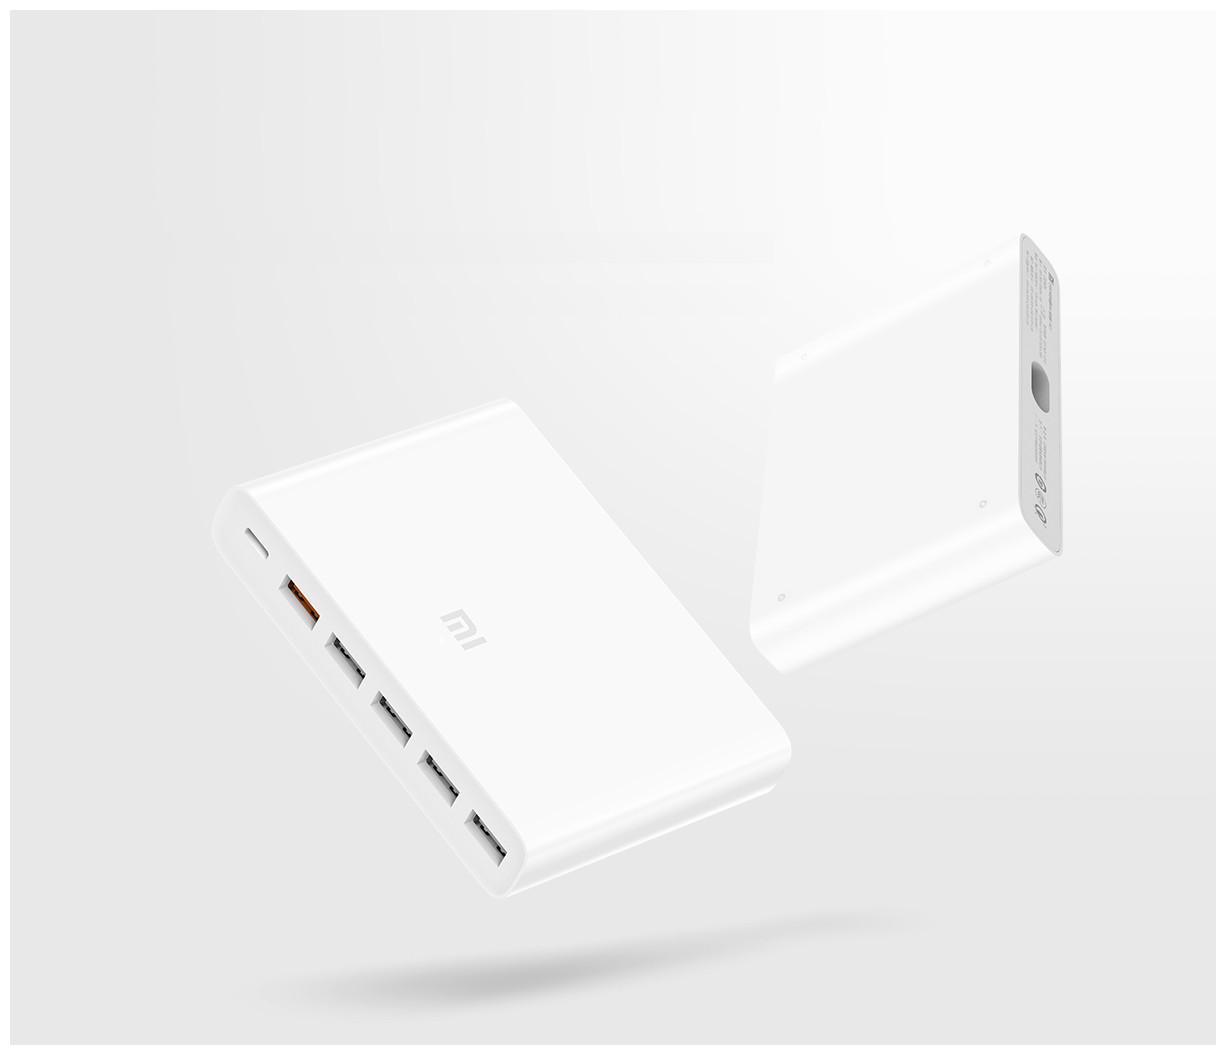 Универсальное зарядное устройство Xiaomi 60W Fast charger поставляется с портом C-Type и 5 портами USB Type-A